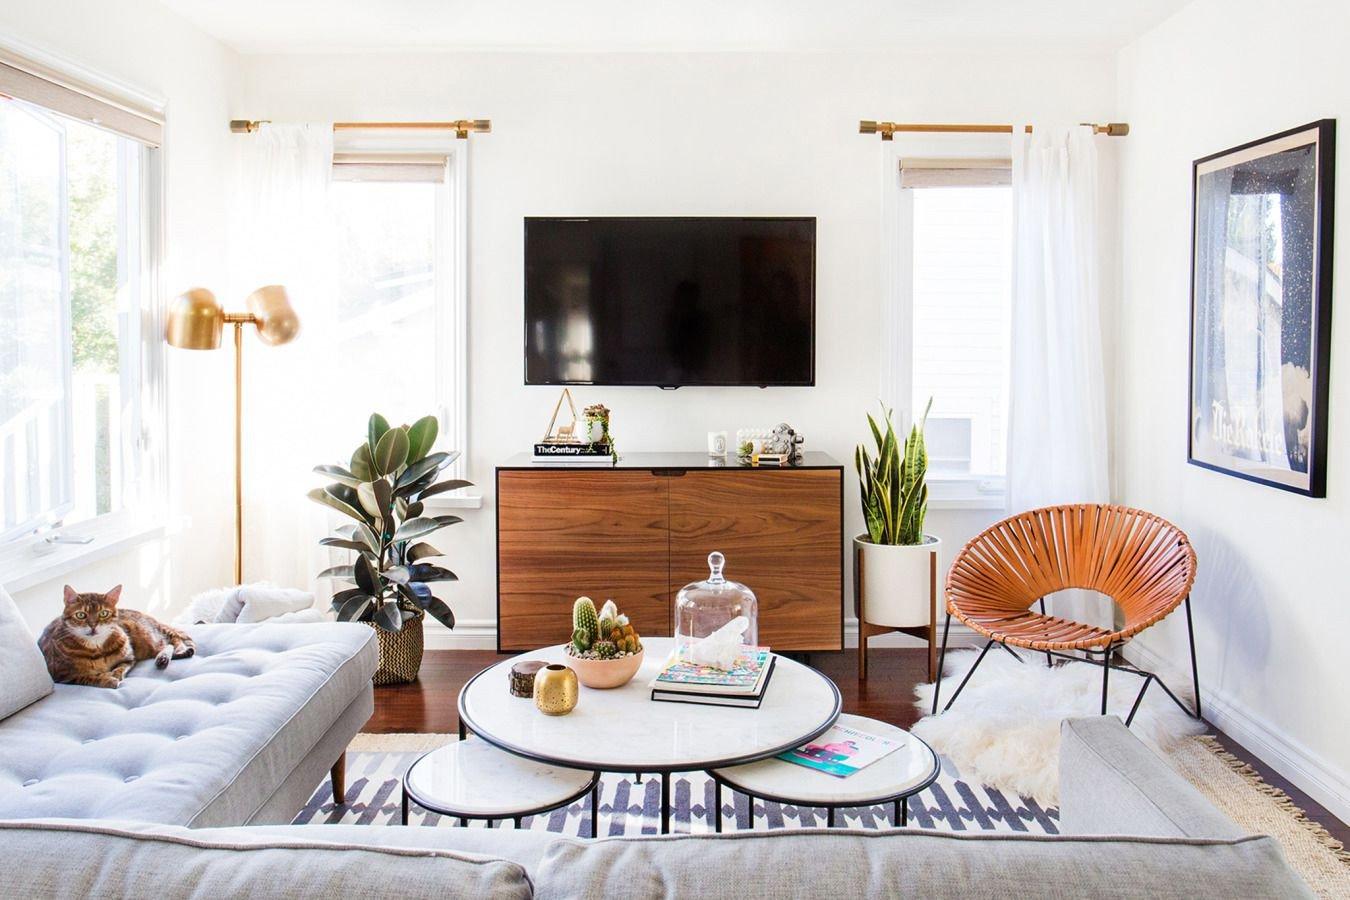 Minimalist Small Living Room Ideas Luxury 15 Simple Small Living Room Ideas Brimming with Style